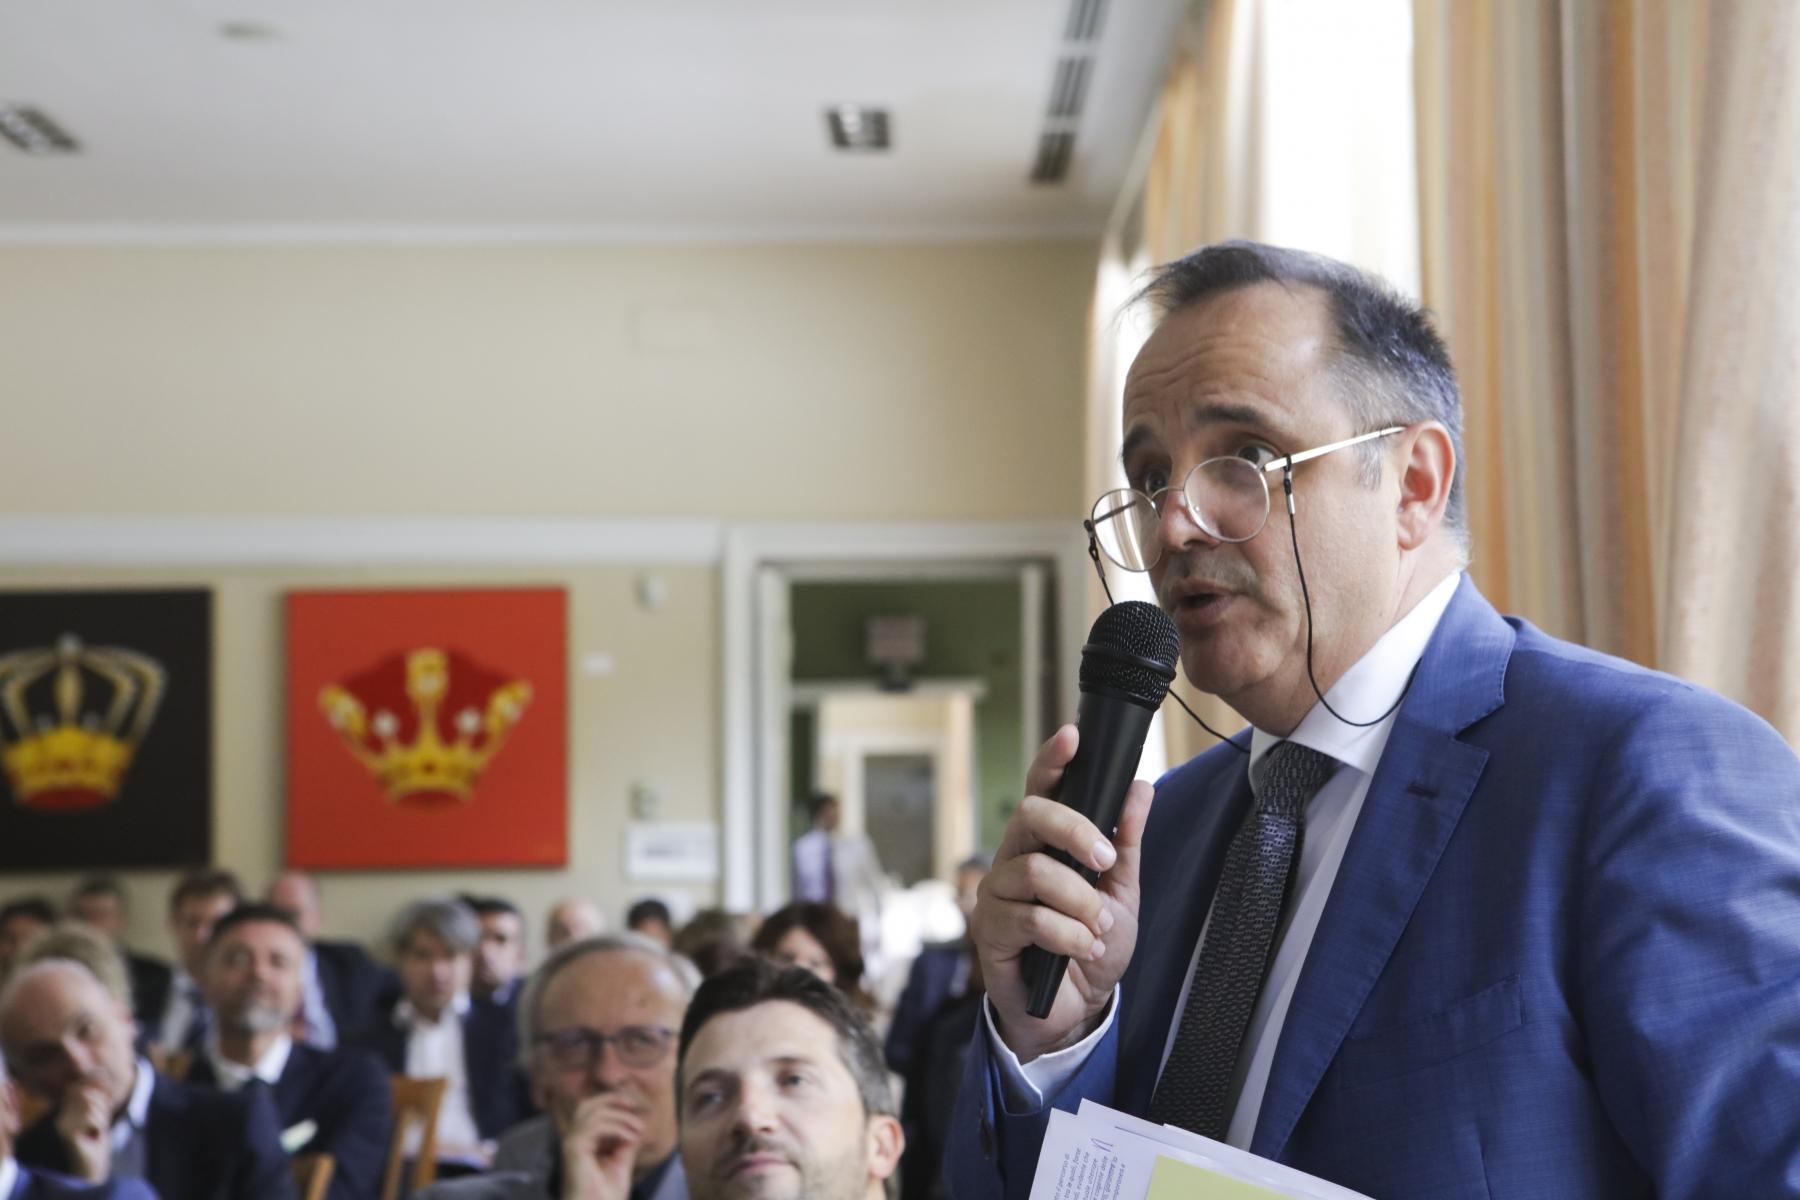 Michele Pizzolato: Presidente Commissione Sviluppo della Concorrenza e Apertura del Mercato in relazione al Fine Tutela